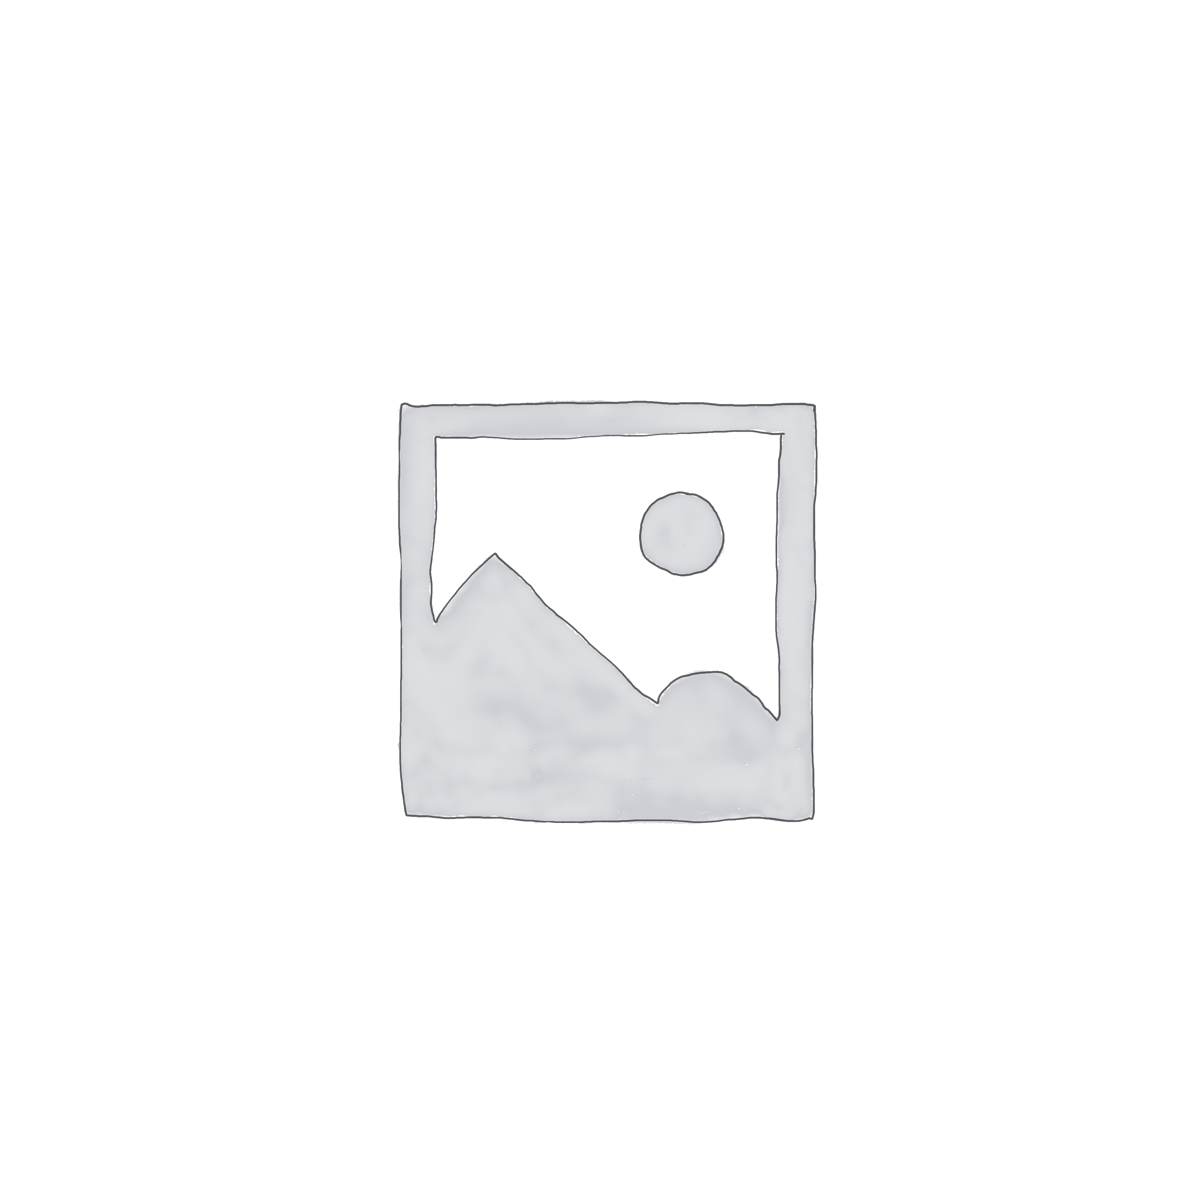 Geleiderpen – NEW200/8.5 – Neway | Pilot – Verstelbaar